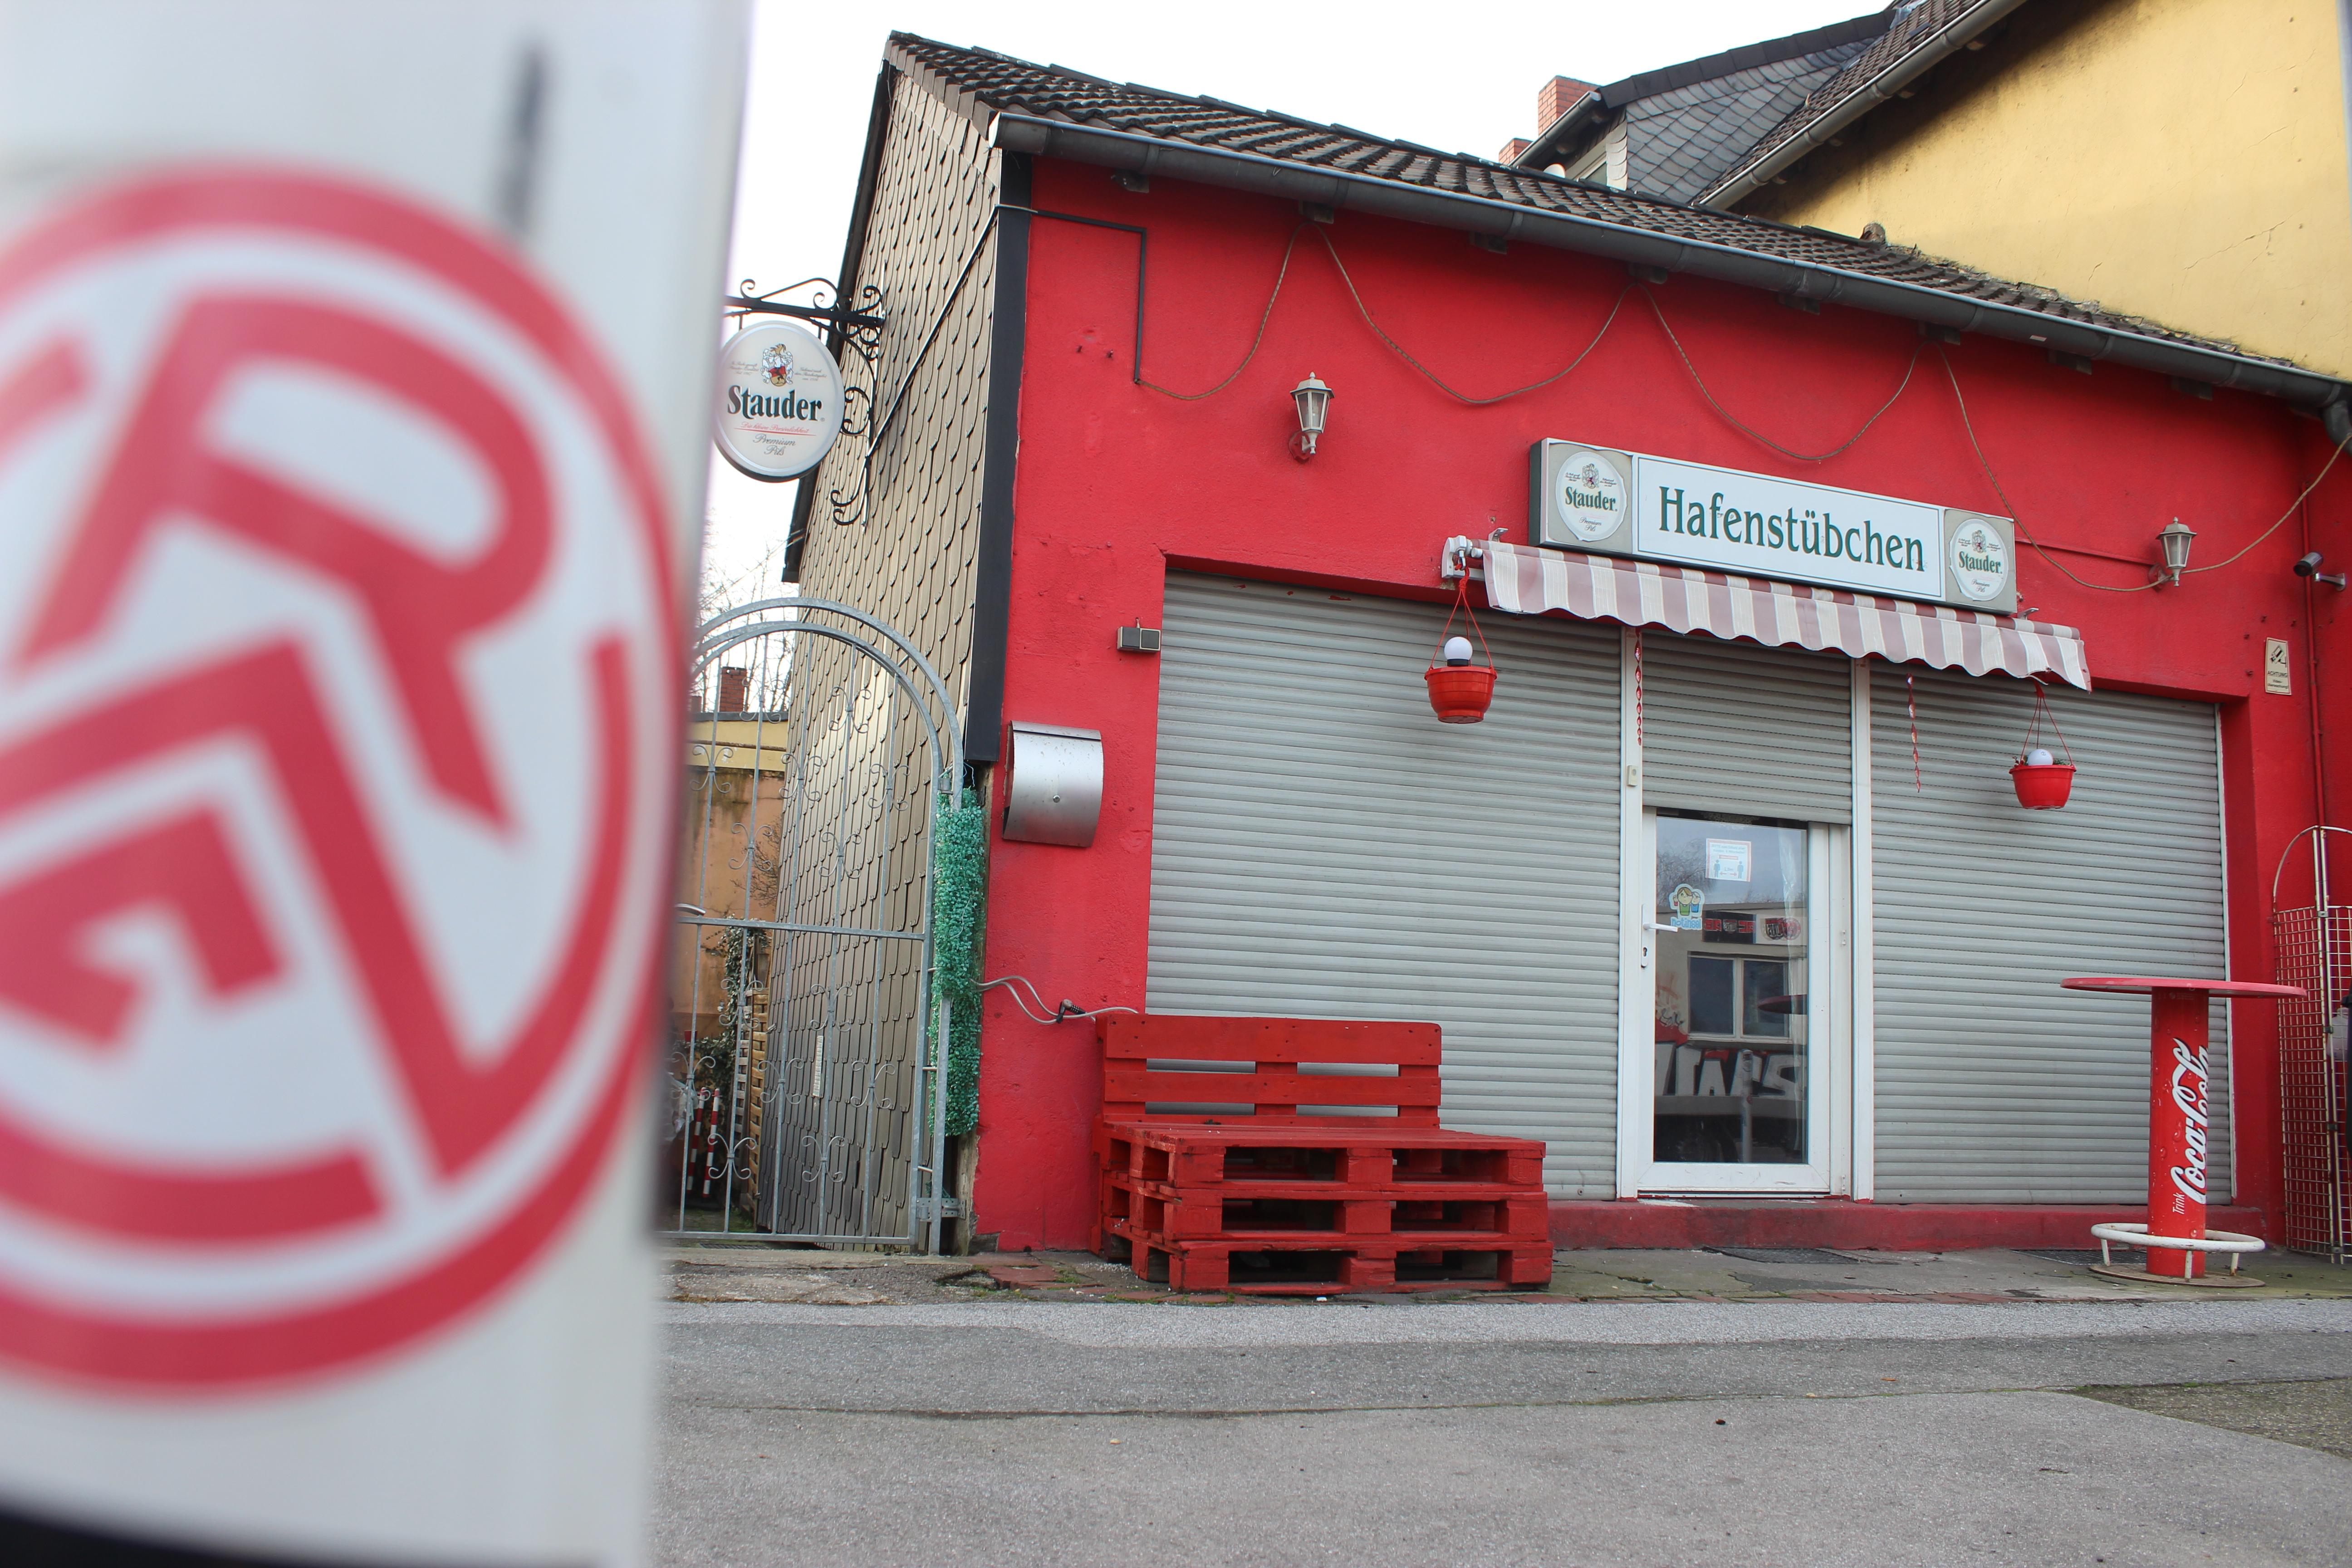 RWE stellt sich vor das Hafenstübchen: Mit dem Erlös aus der DFB-Pokal-Aktion soll die rot-weisse Kult-Kneipe gerettet werden. (Foto: Poerting)